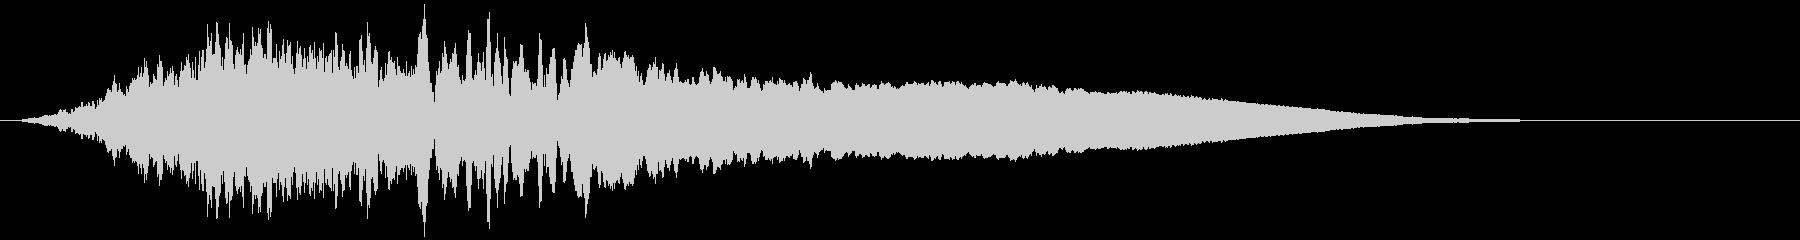 【ホラー演出・重低音】不気味なシーンの未再生の波形